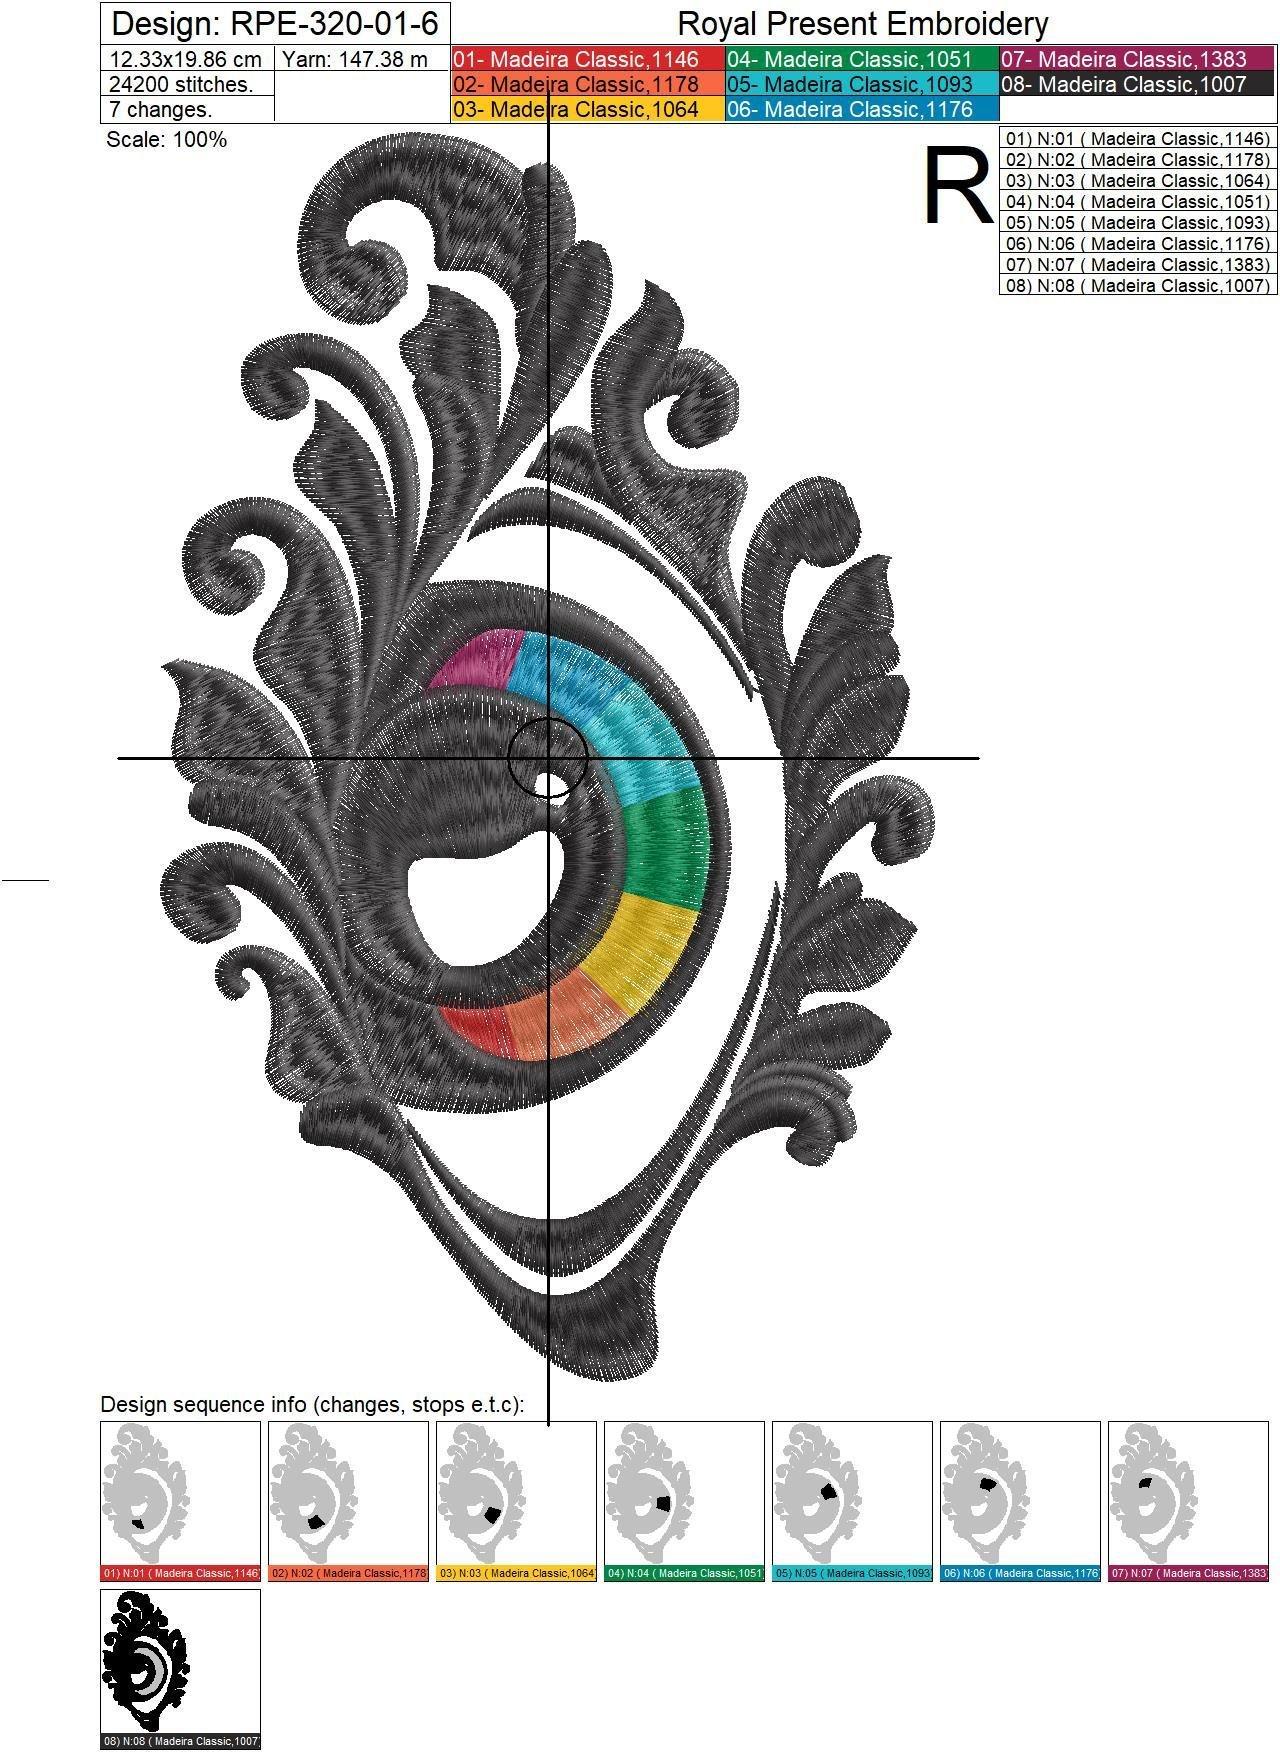 Дизайн машинной вышивки Радужный глаз - 6 размеров